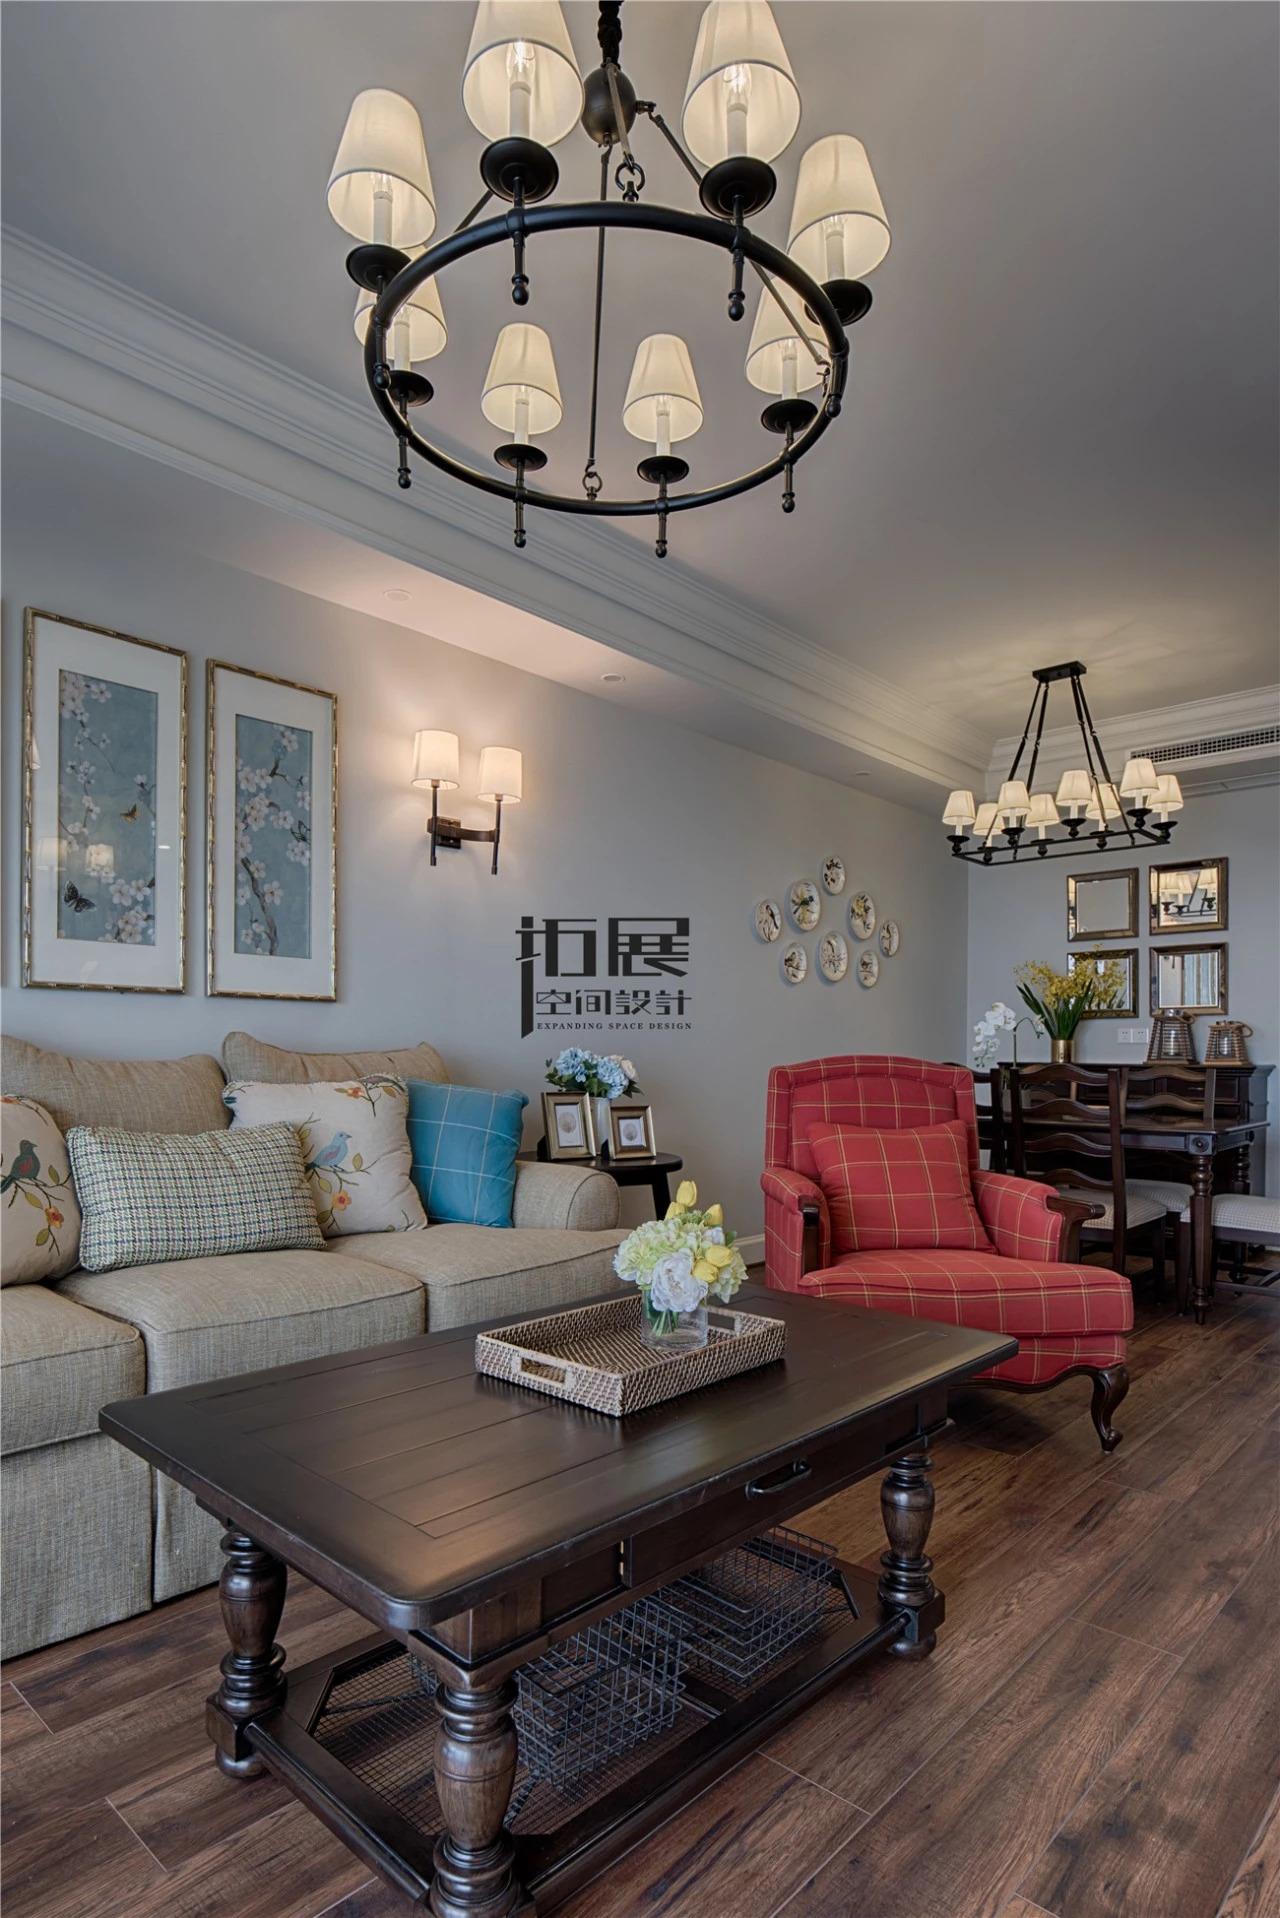 美式风三居装修客厅吊灯设计